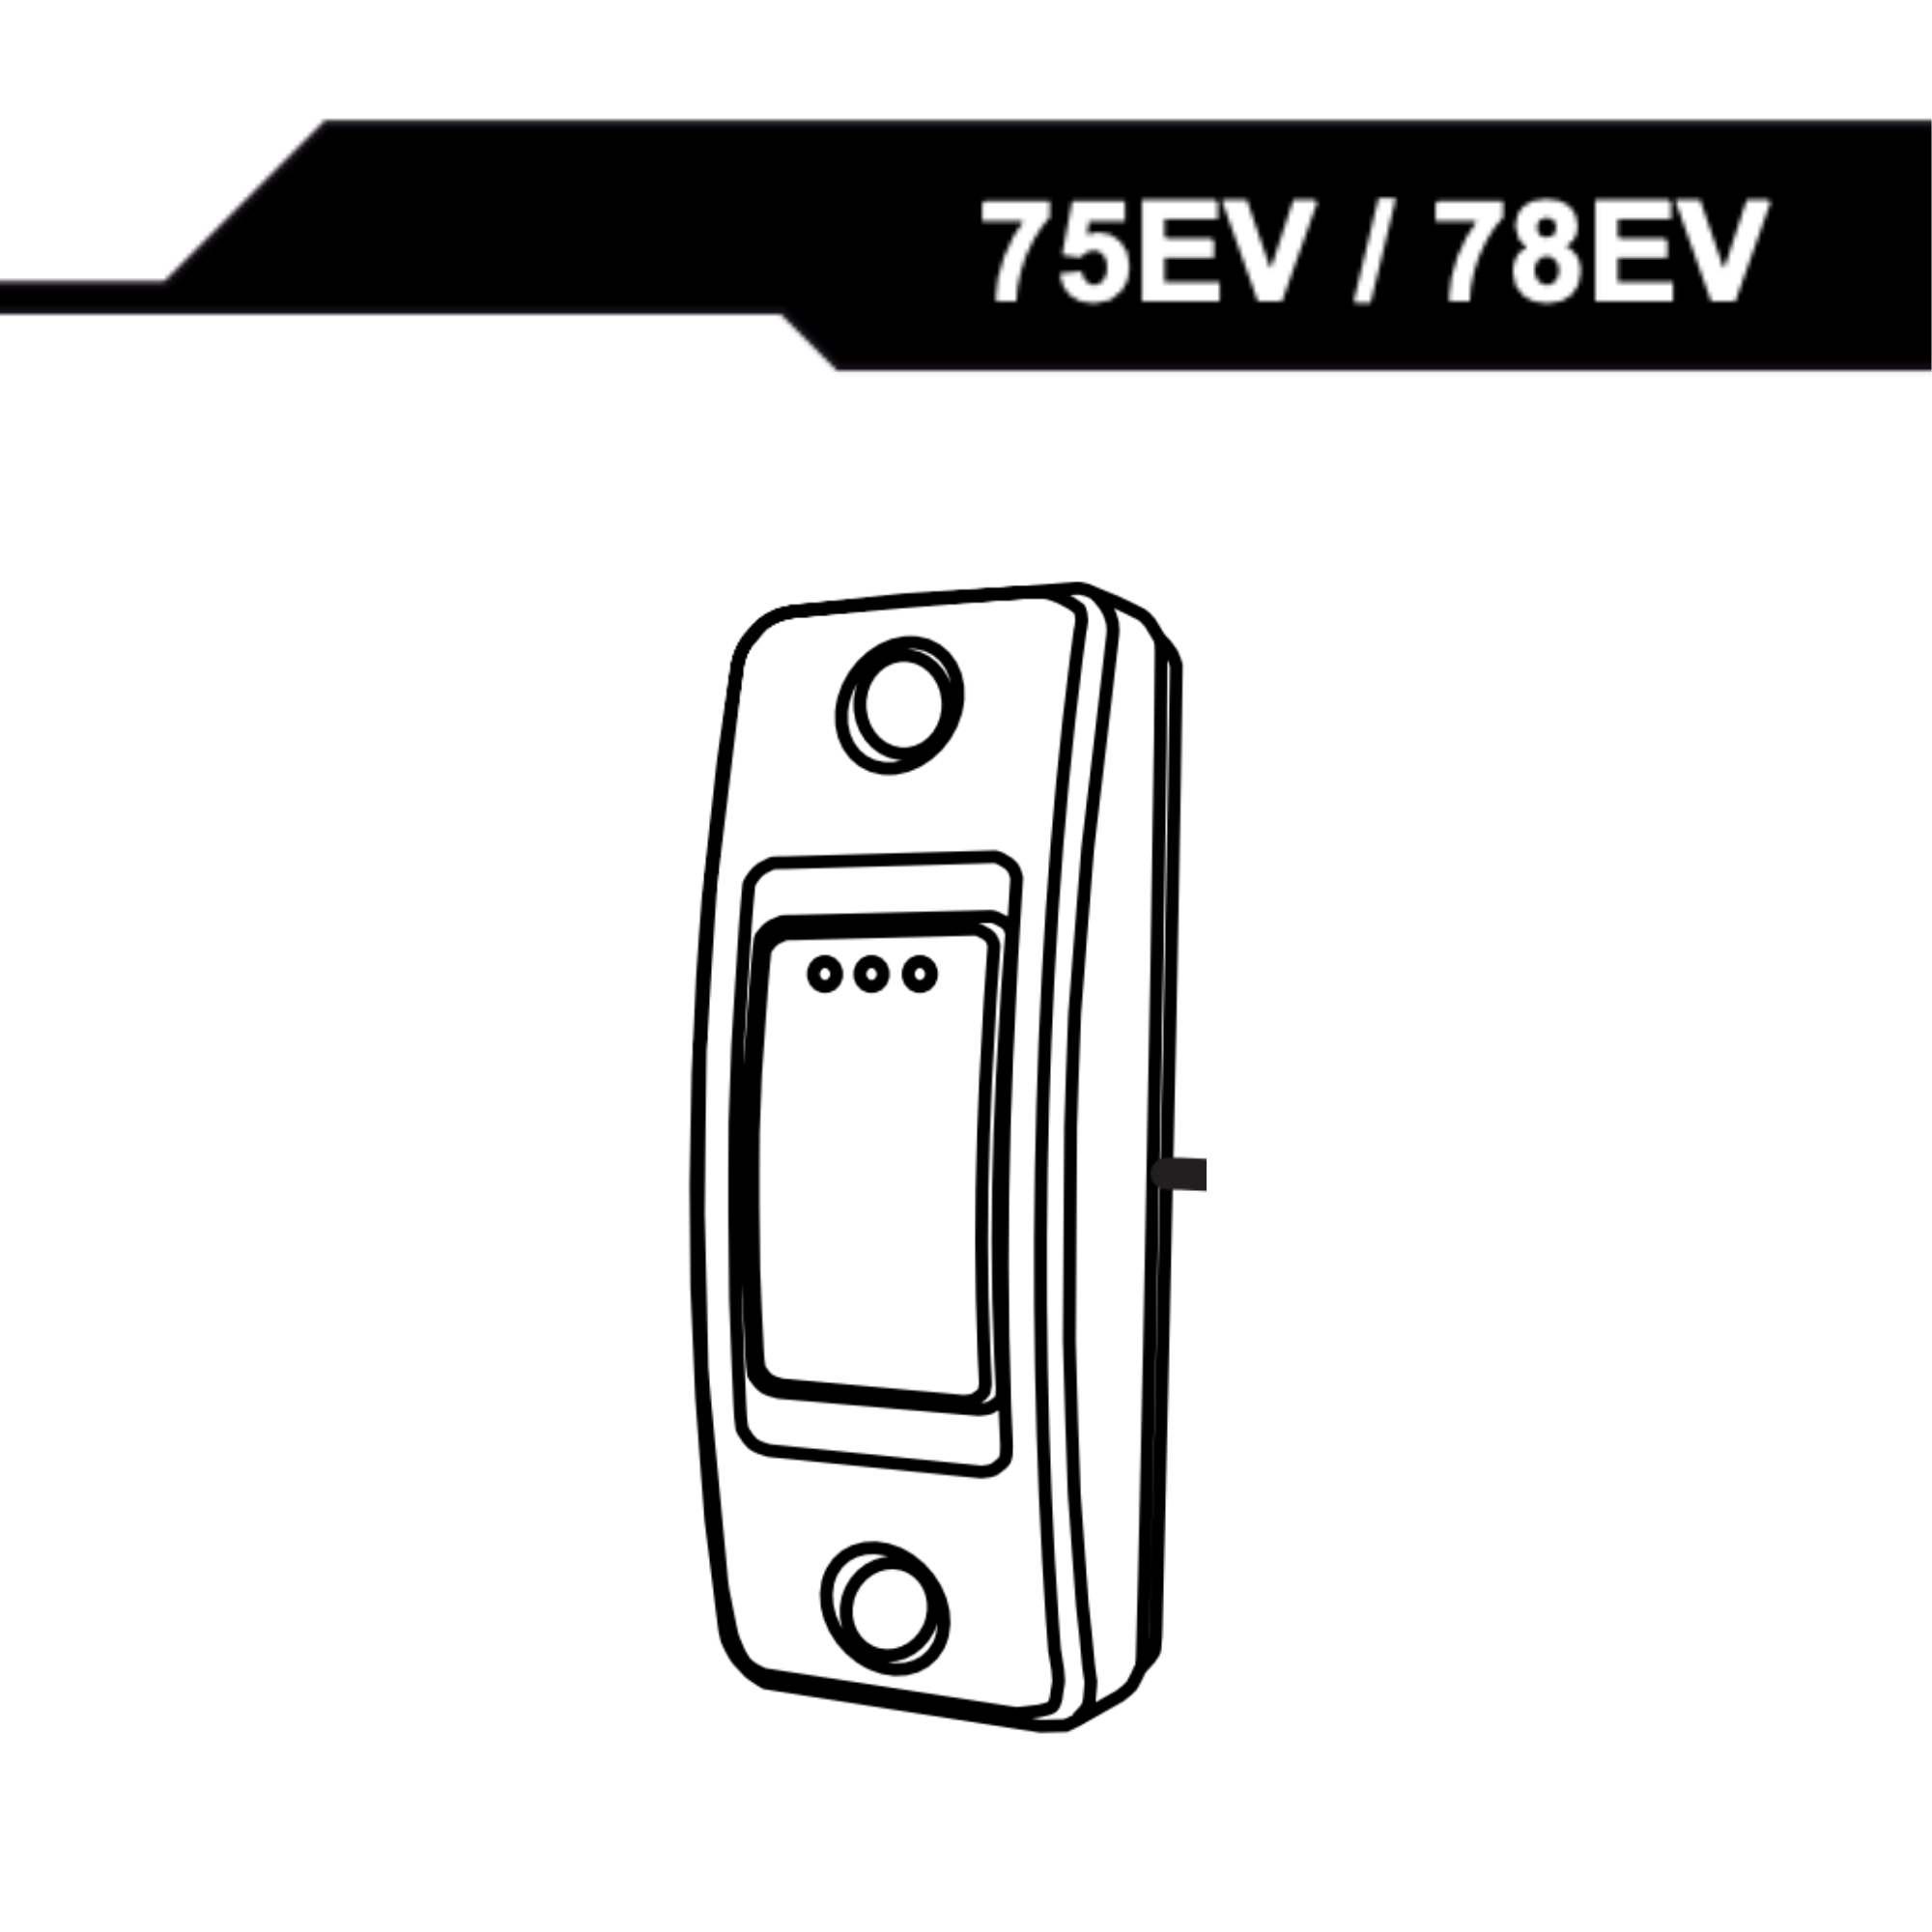 Manual for 75EV/78EV Multifunksjons dør-kontroll